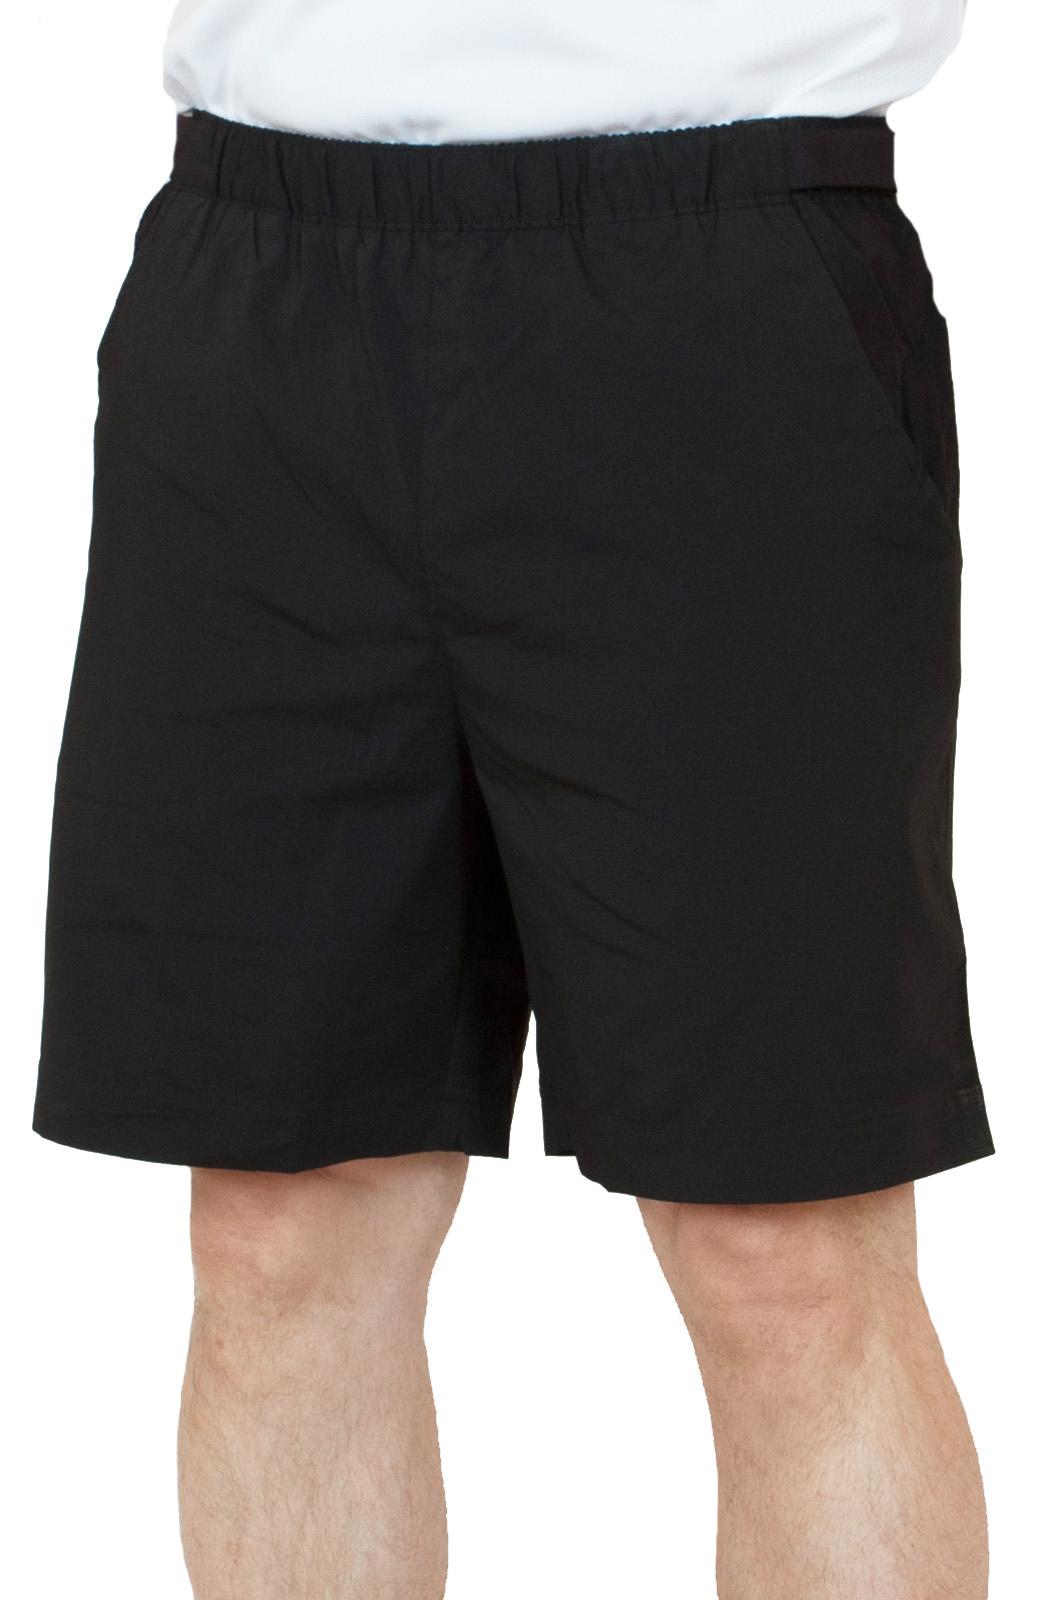 Черные спортивные шорты для мужчин - вид спереди